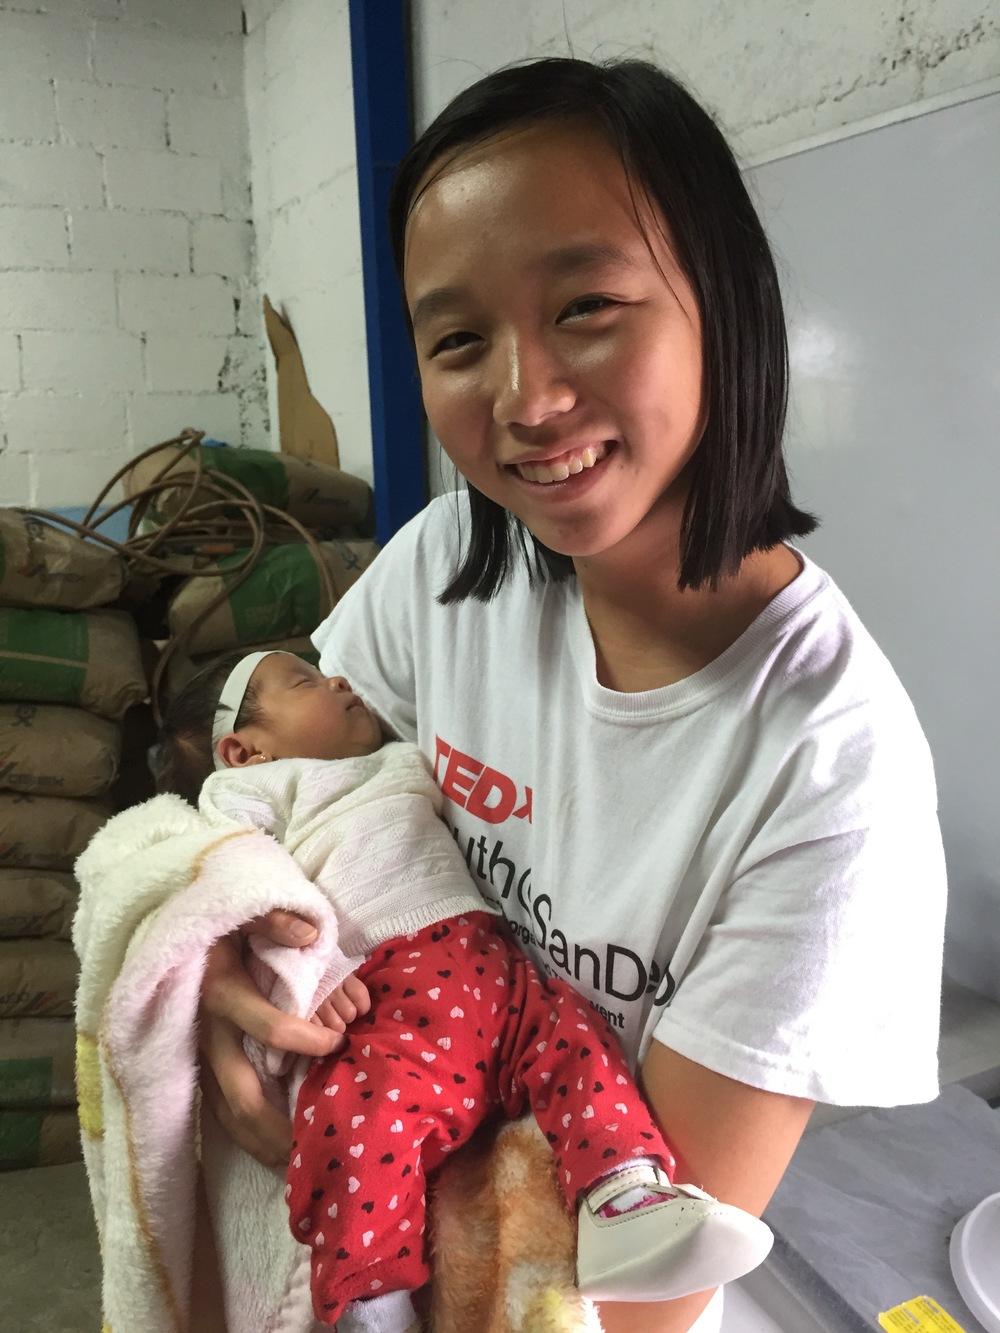 Karina holding a baby